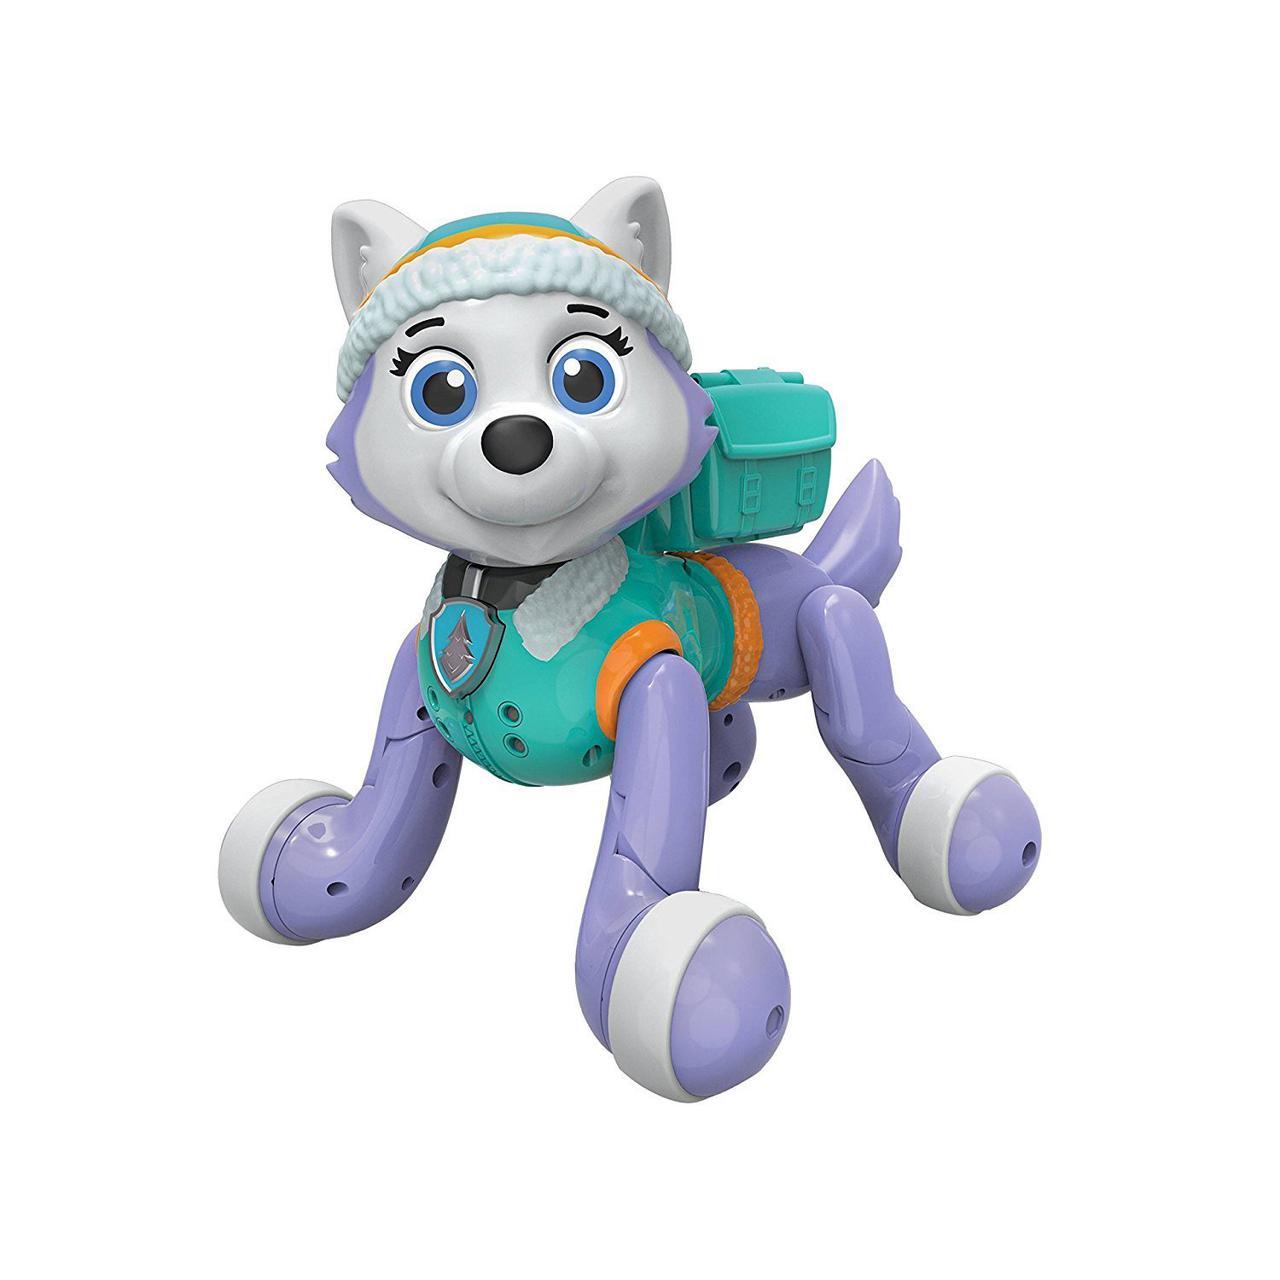 Zoomer Интерактивный робот-собака Щенок Эверест Щенячий патруль Paw Patrol Everest